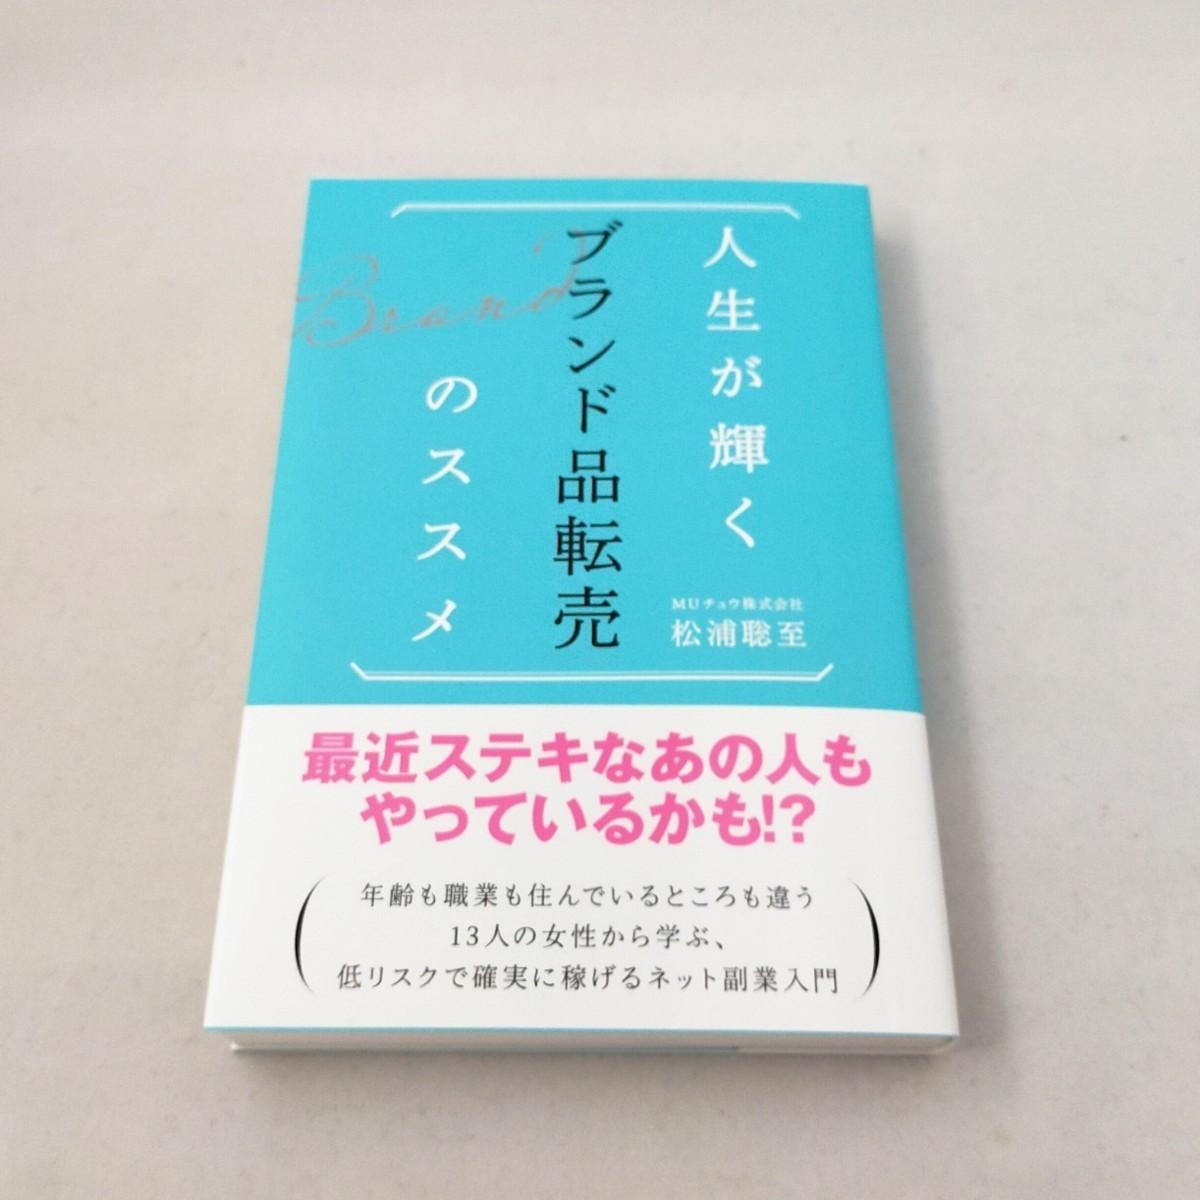 書籍「人生が輝くブランド品転売のススメ」